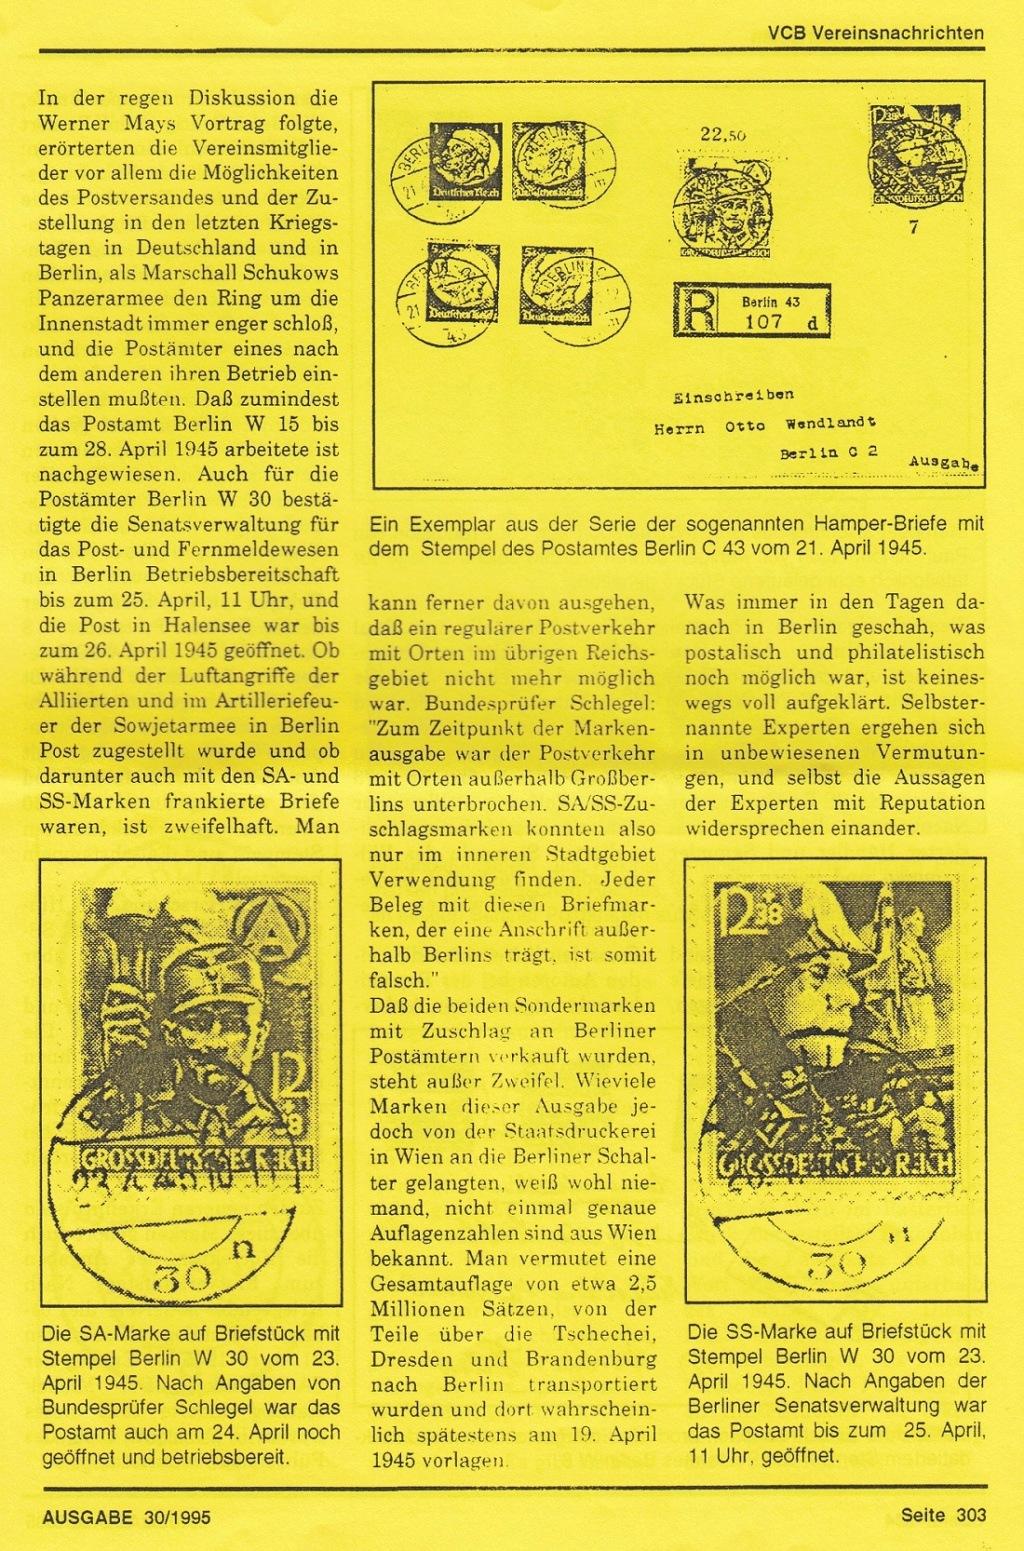 """1945 - Deutsches Reich von 1933 bis 1945 """"in einer ausgesuchten Perspektive"""" - Seite 2 Drc10"""